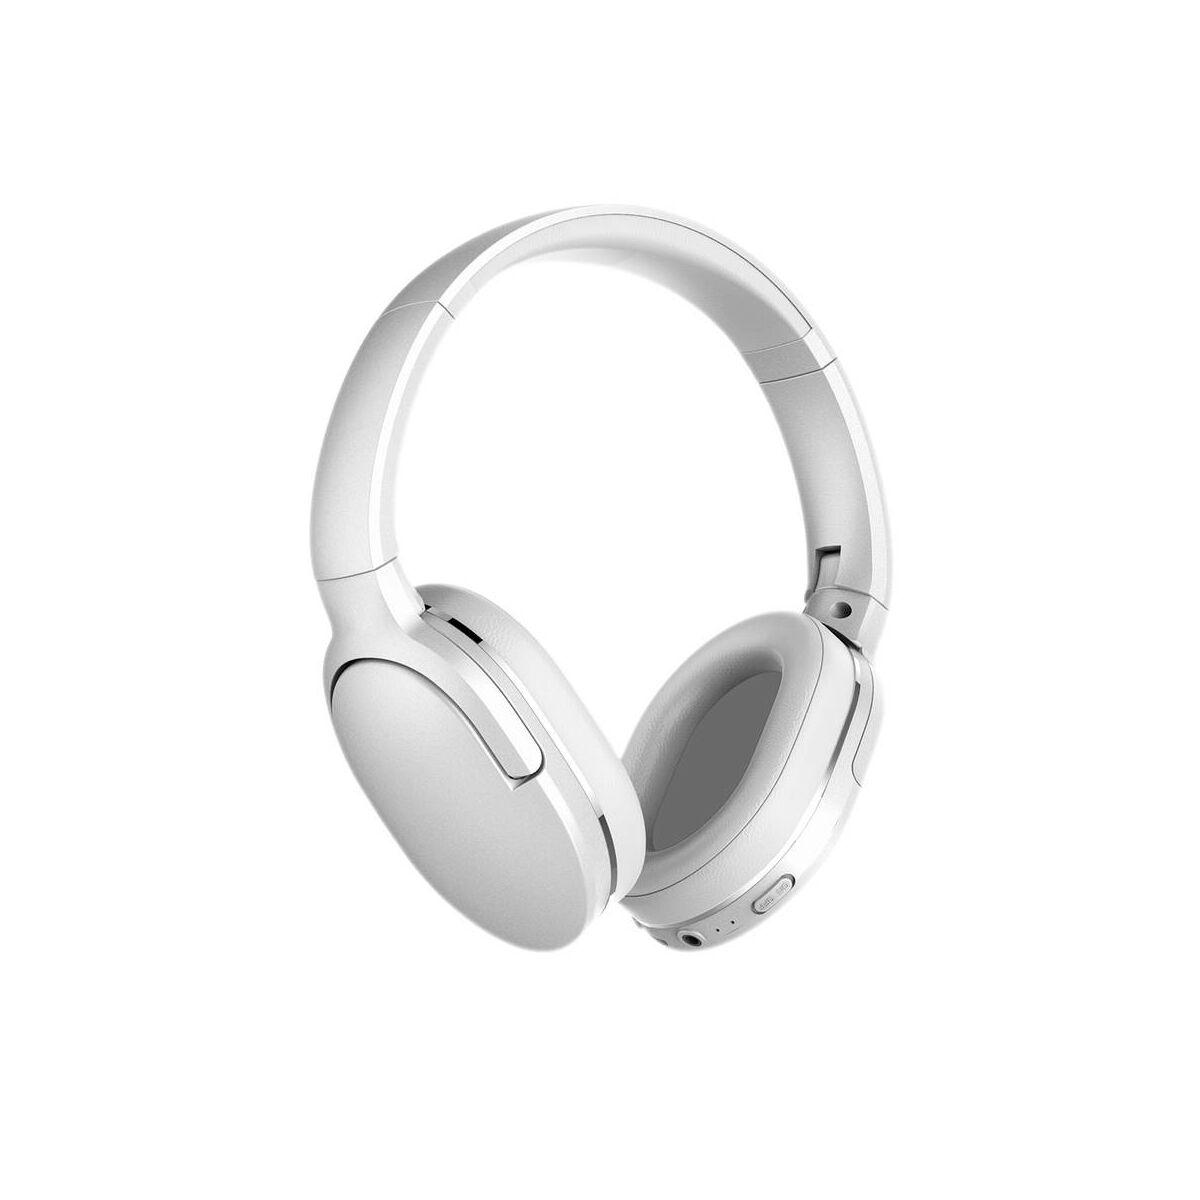 Baseus fejhallgató, Bluetooth Encok D02, vezeték nélküli, fehér (NGD02-02)